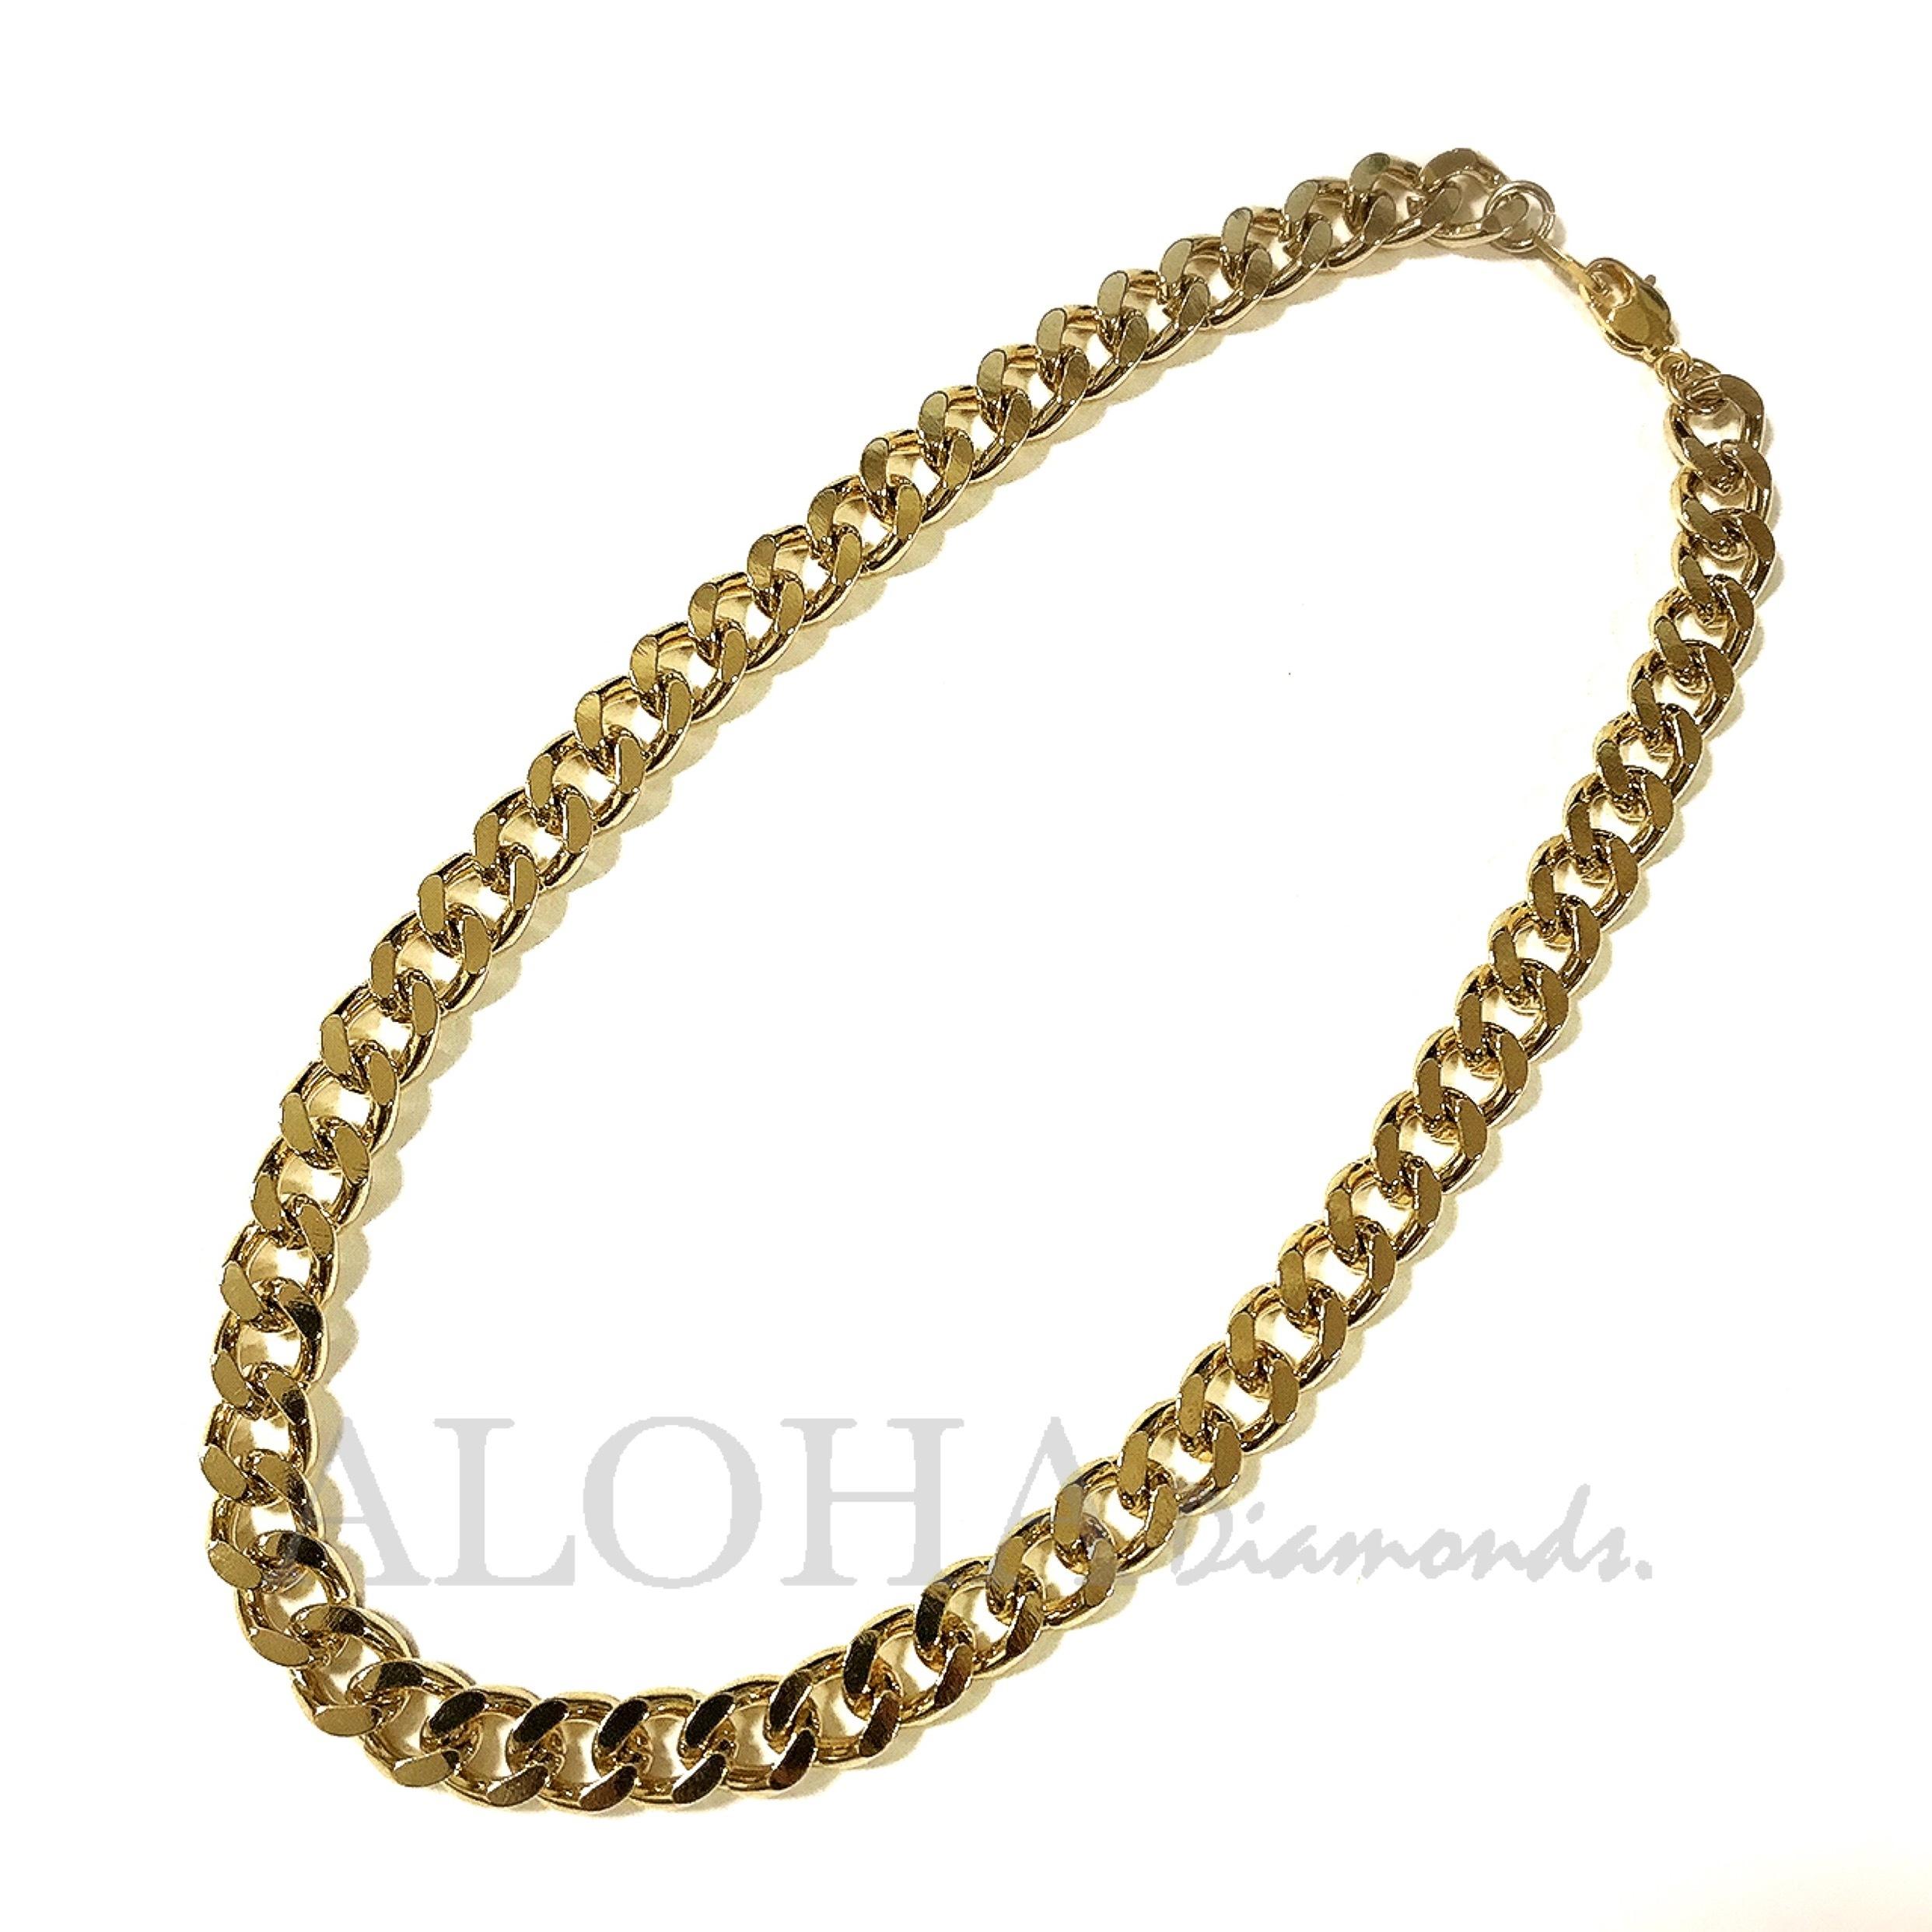 ✴︎✴︎✴︎The chain - No.1✴︎✴︎✴︎ ゴールド/ネックレス 44.5cm(ネックレス単品)